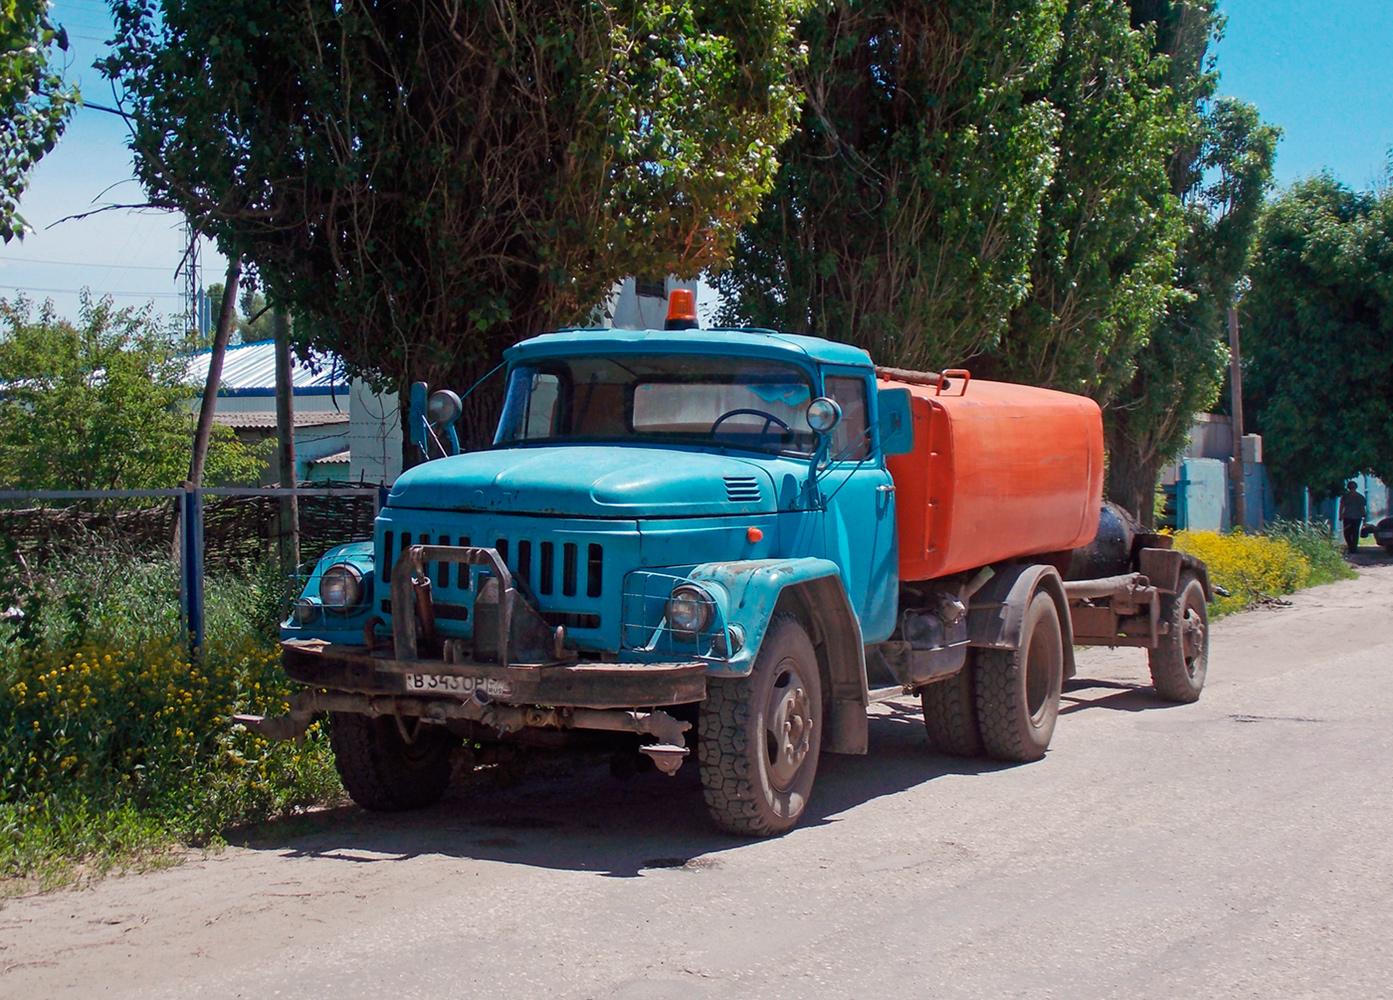 Поливомоечная машина на шасси ЗиЛ-431412 #В 343 ОР 34. Волгоградская область, Фролово, Народная улица